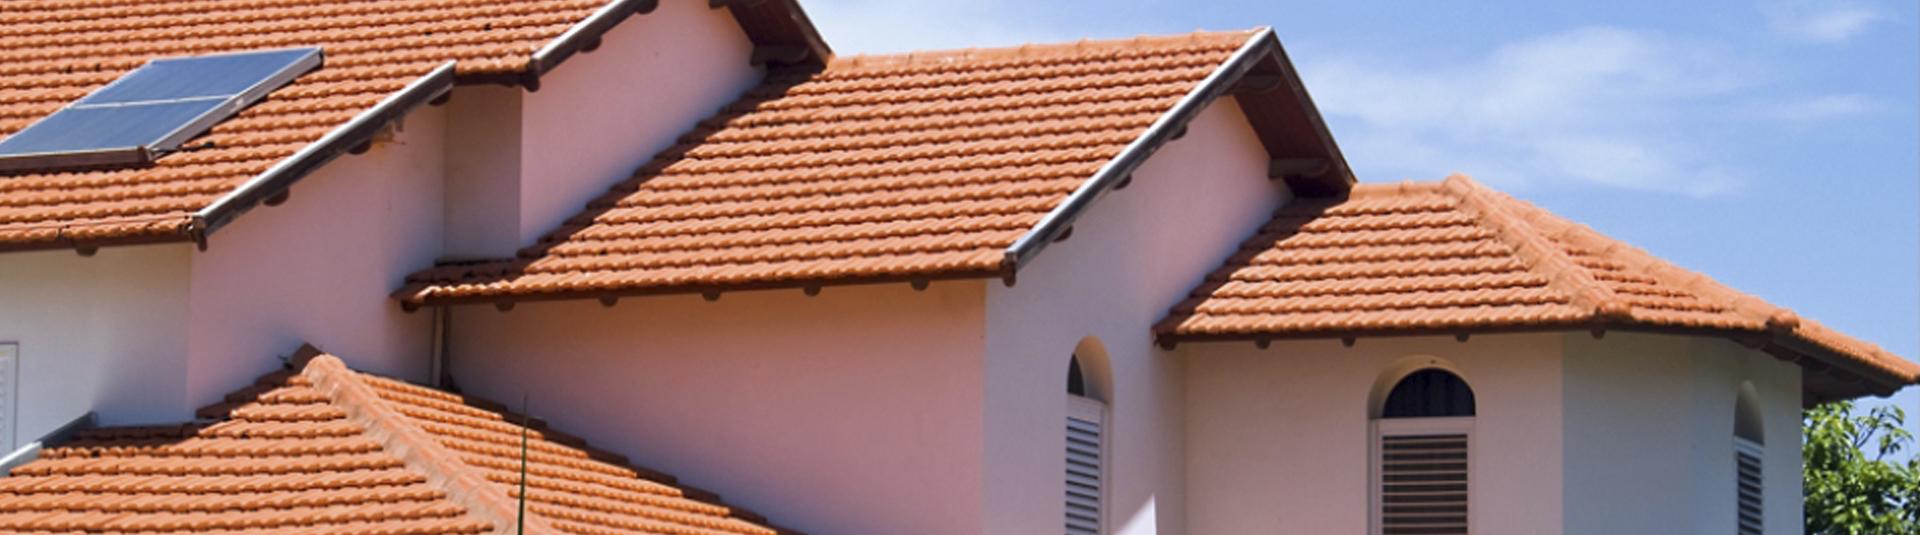 תמונה של גגות בניין